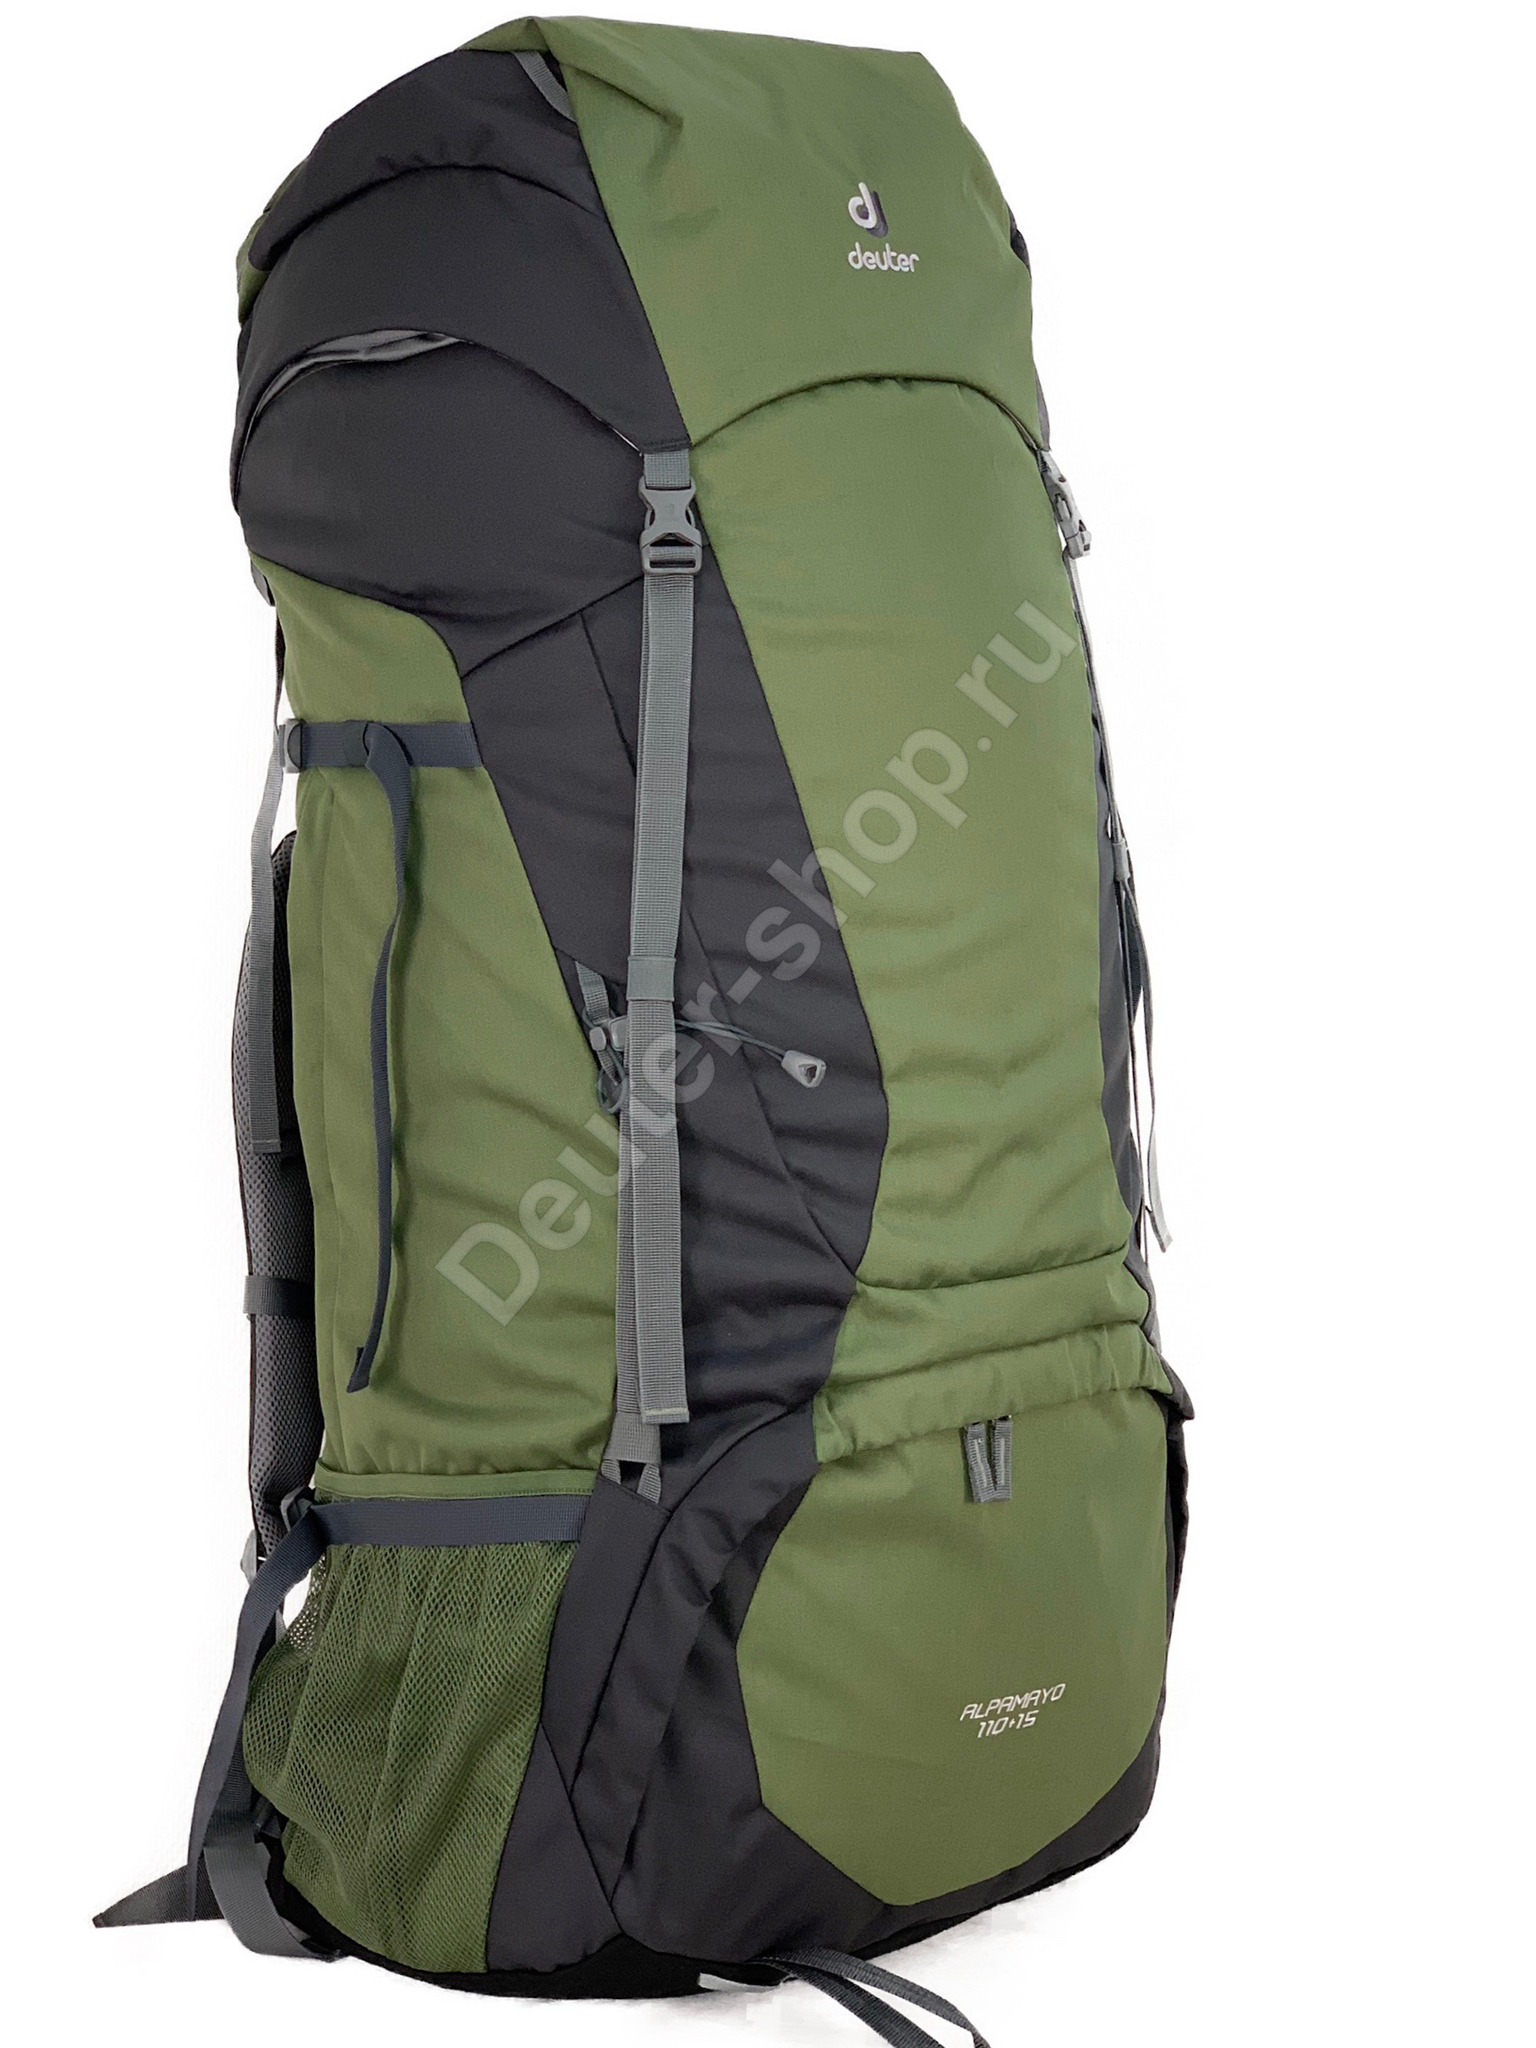 Туристические рюкзаки большие Рюкзак Deuter Alpamayo 110 + 15 (2021) 1E44CF8A-35F3-4589-947C-157A967057D8.jpeg